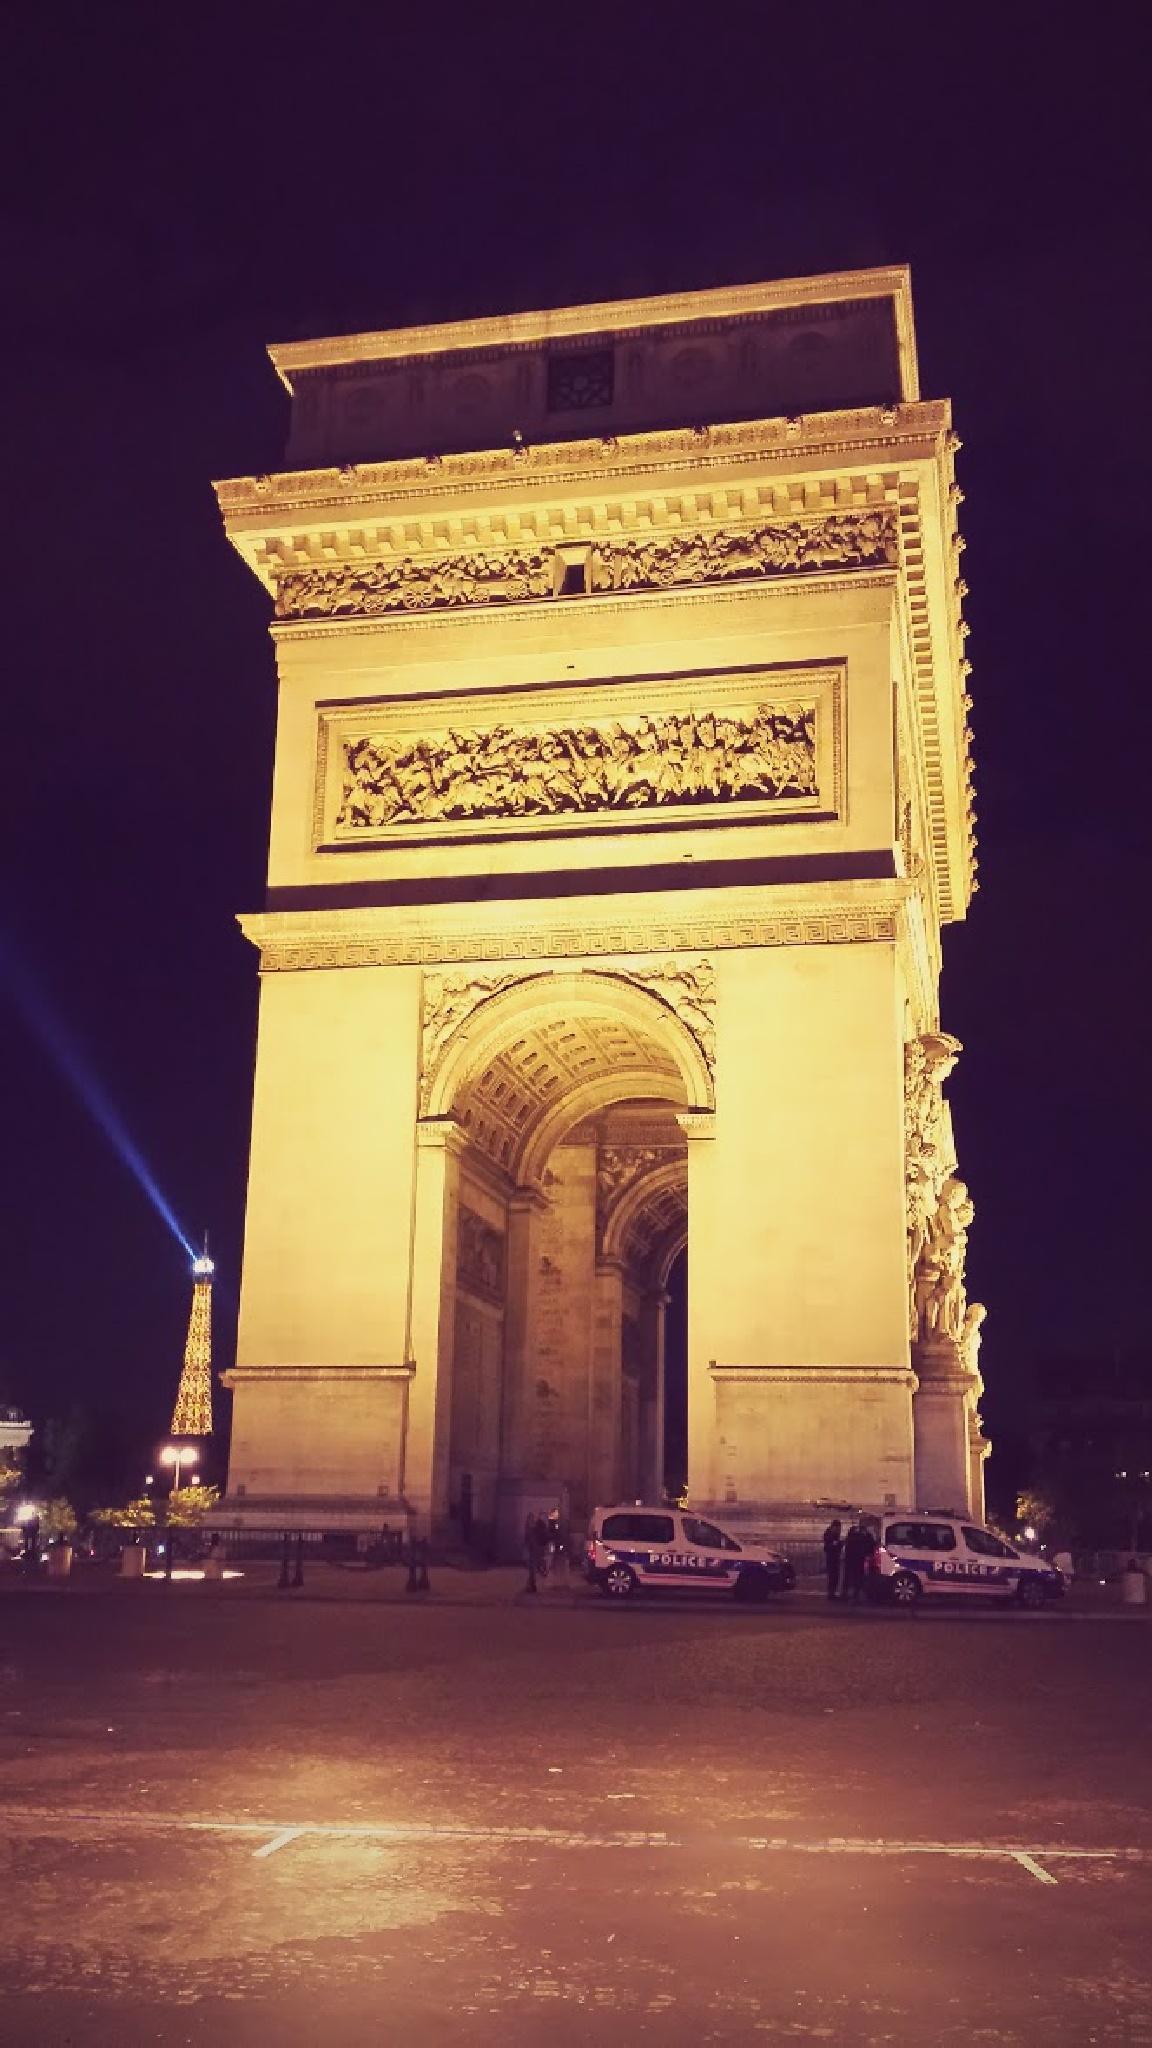 Champs-Élysées, Paris, France by Jamie Pezone